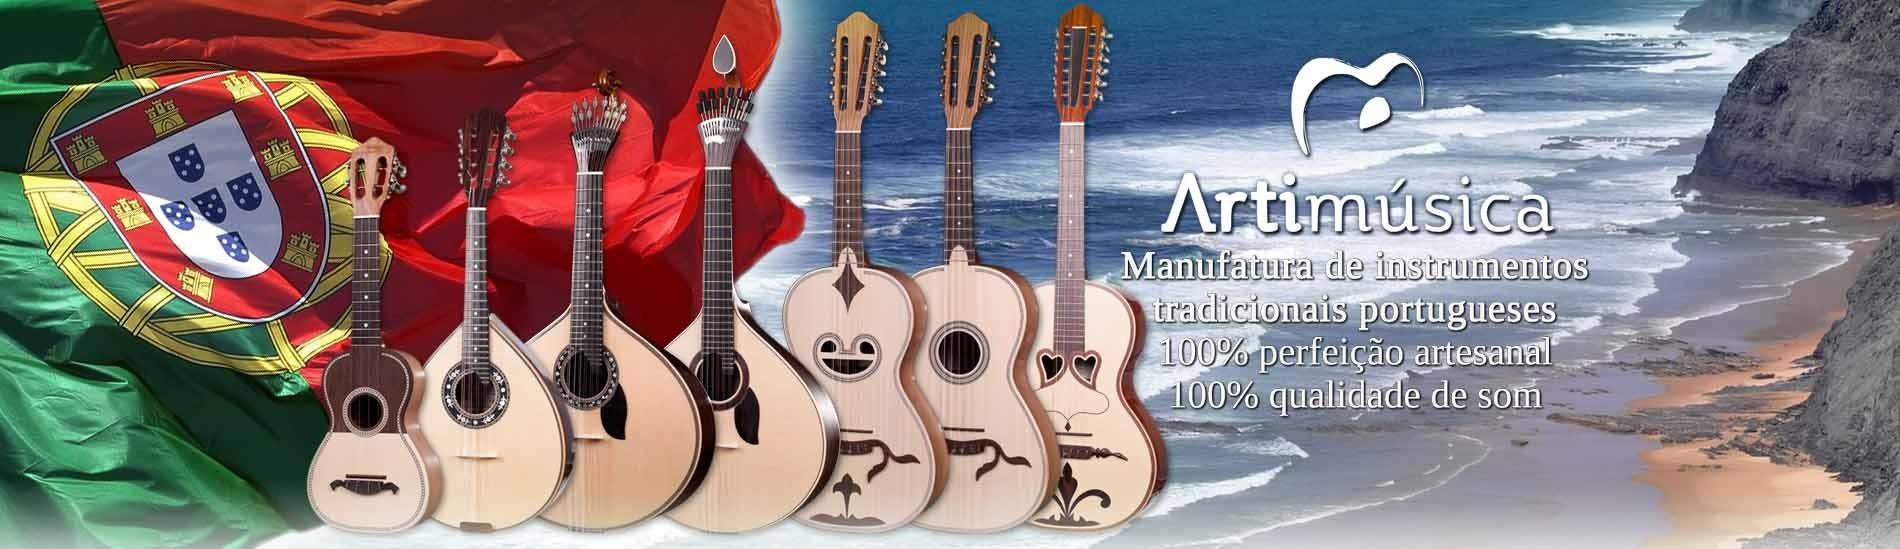 Artimúsica instrumentos tradicionais